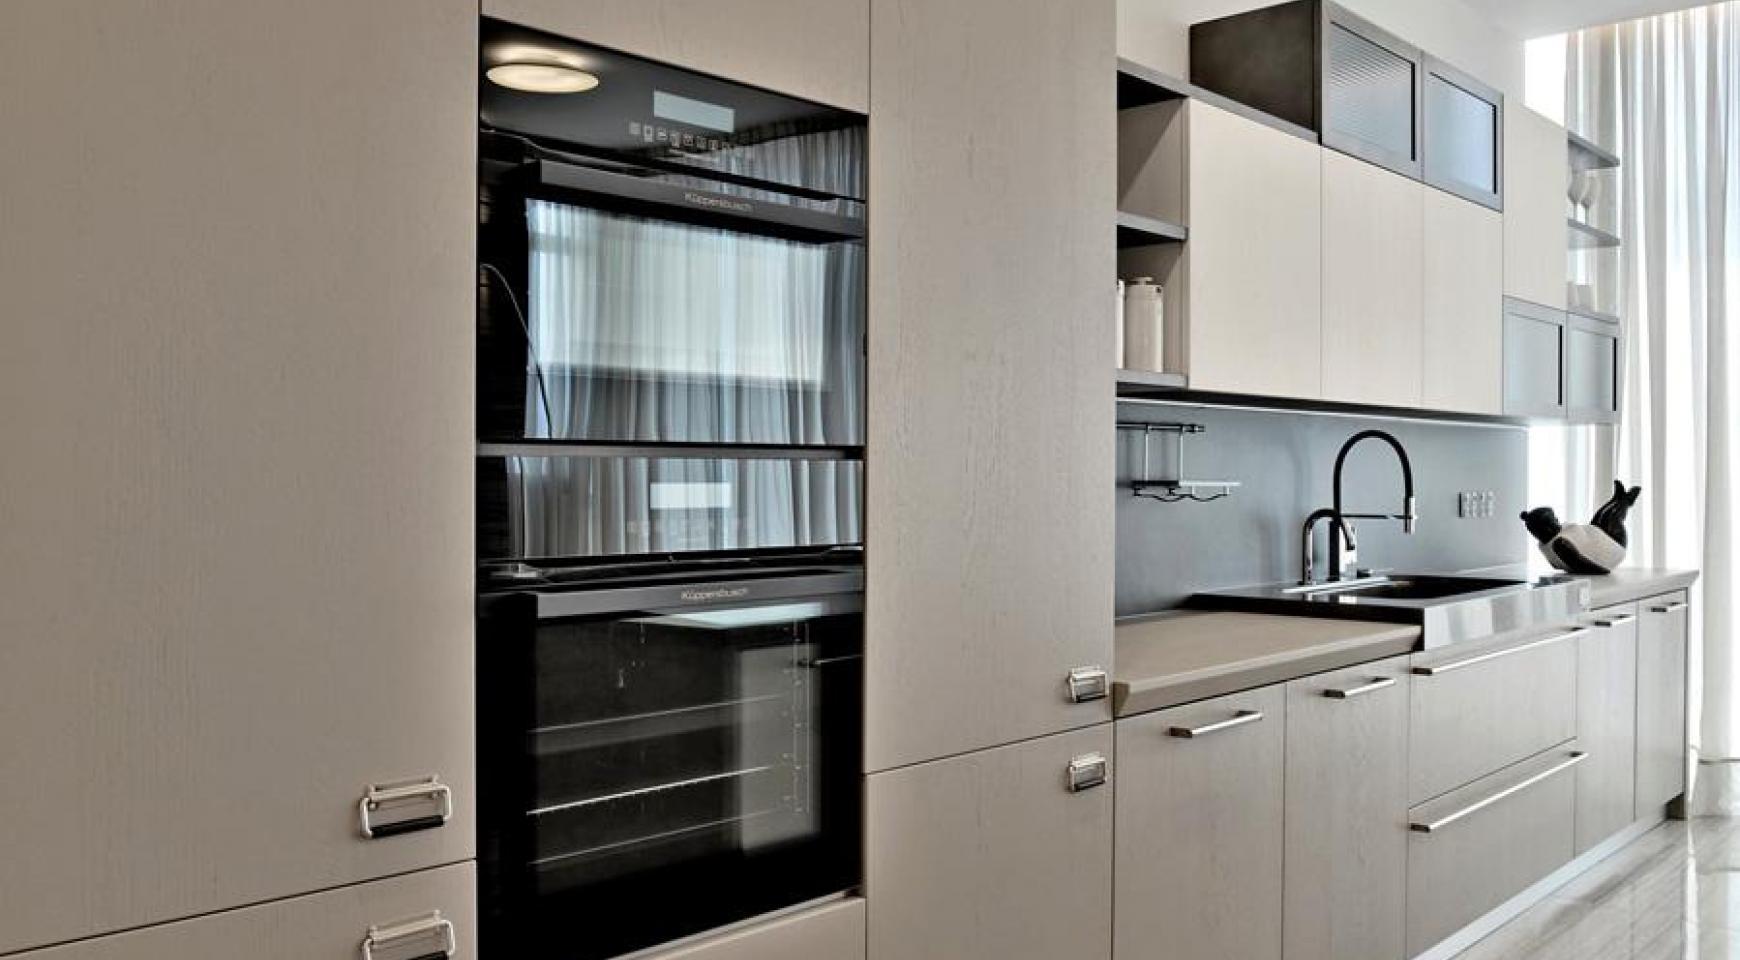 Πολυτελές διαμέρισμα 2 υπνοδωματίων με ταράτσα στο νεόδμητο συγκρότημα - 8